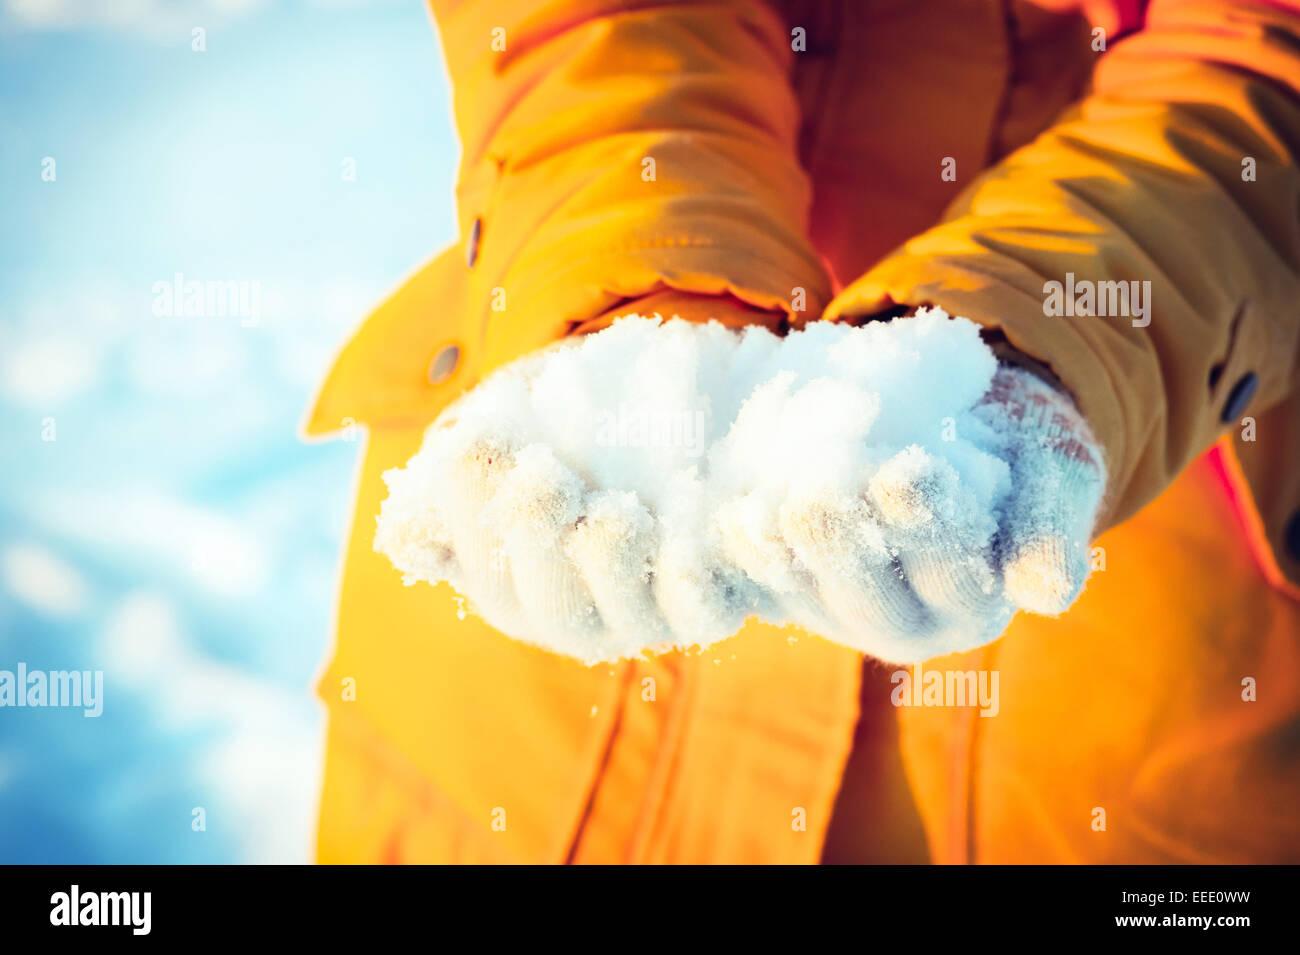 Schnee in Frau Hände geben Winter Lifestyle Urlaub Outdoor Stockbild